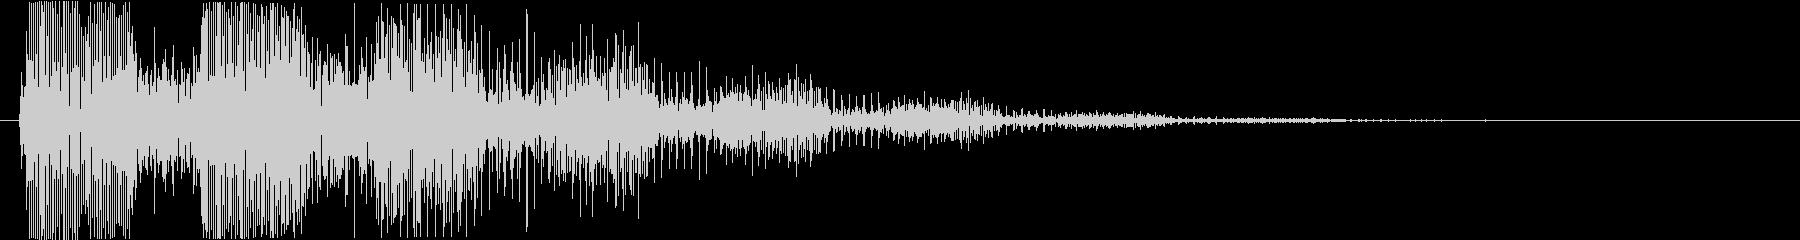 プッ:ラッパの音・失敗・バカにするeの未再生の波形